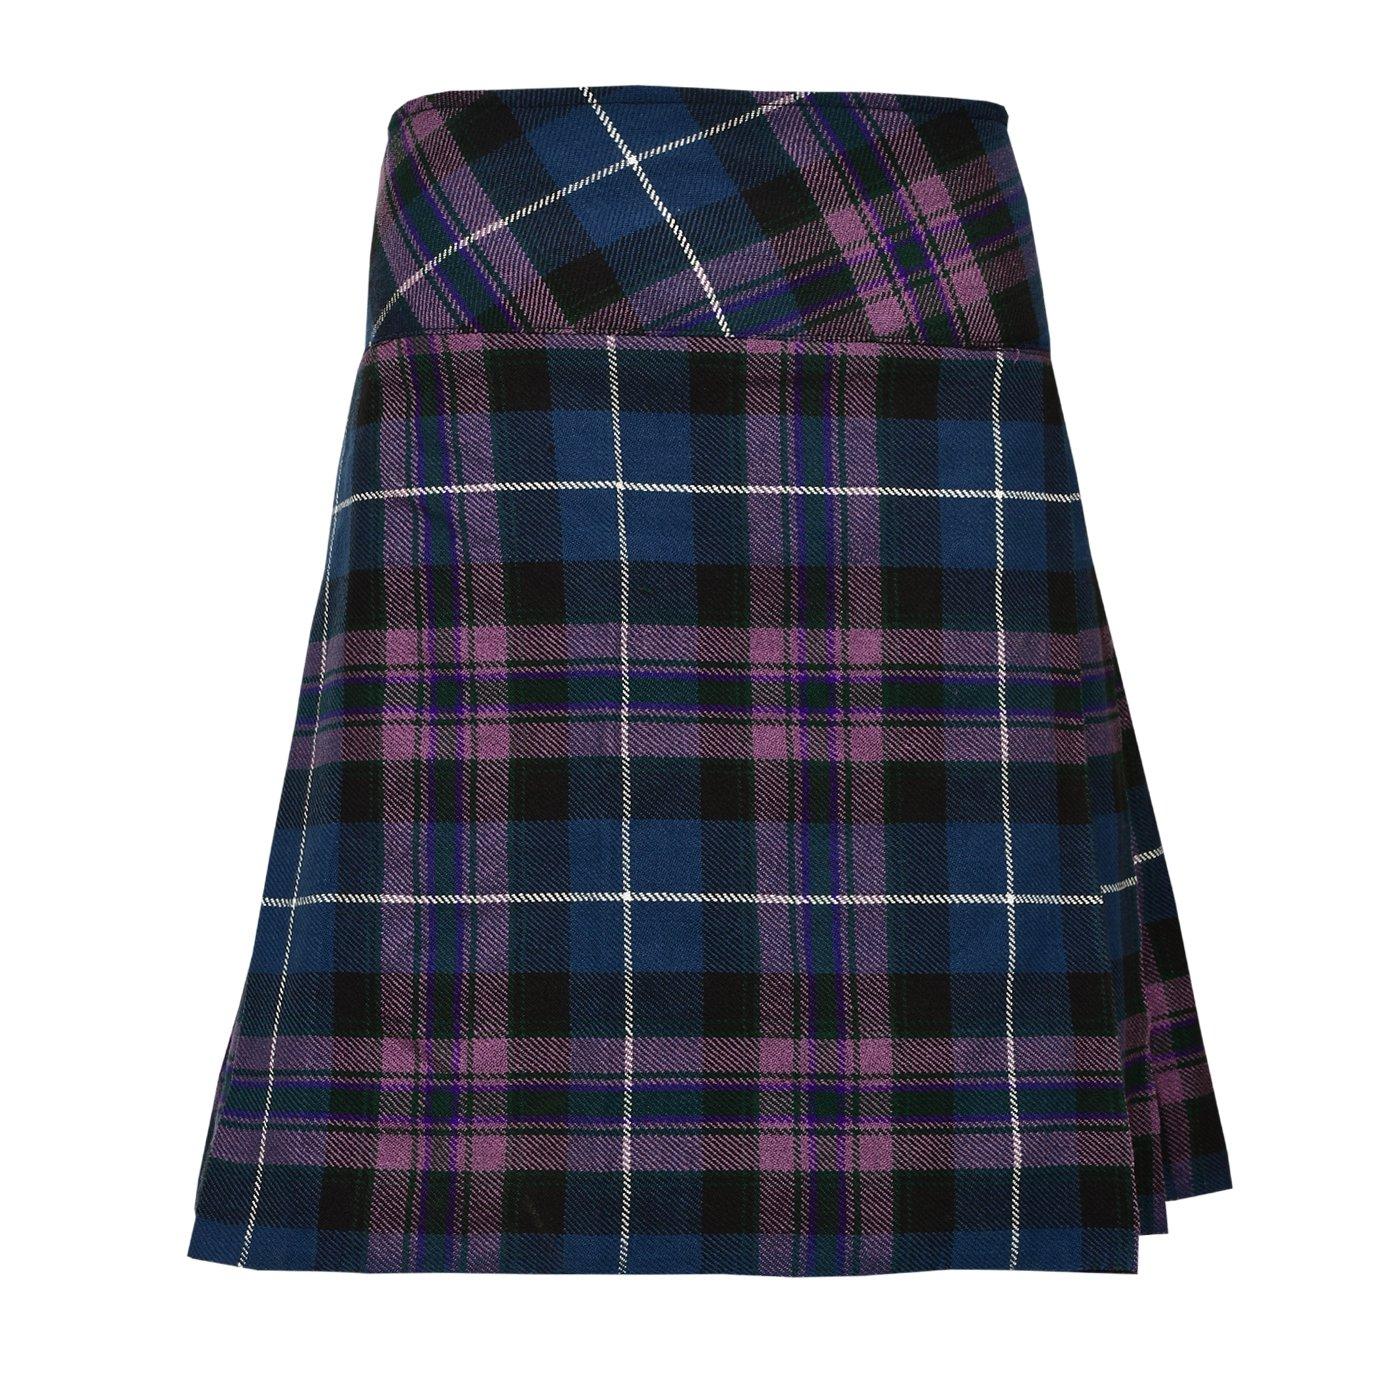 Ladies Knee Length Kilt Skirt 20'' Length Tartan Pleated Kilts - Pride Of Scotland (36'')